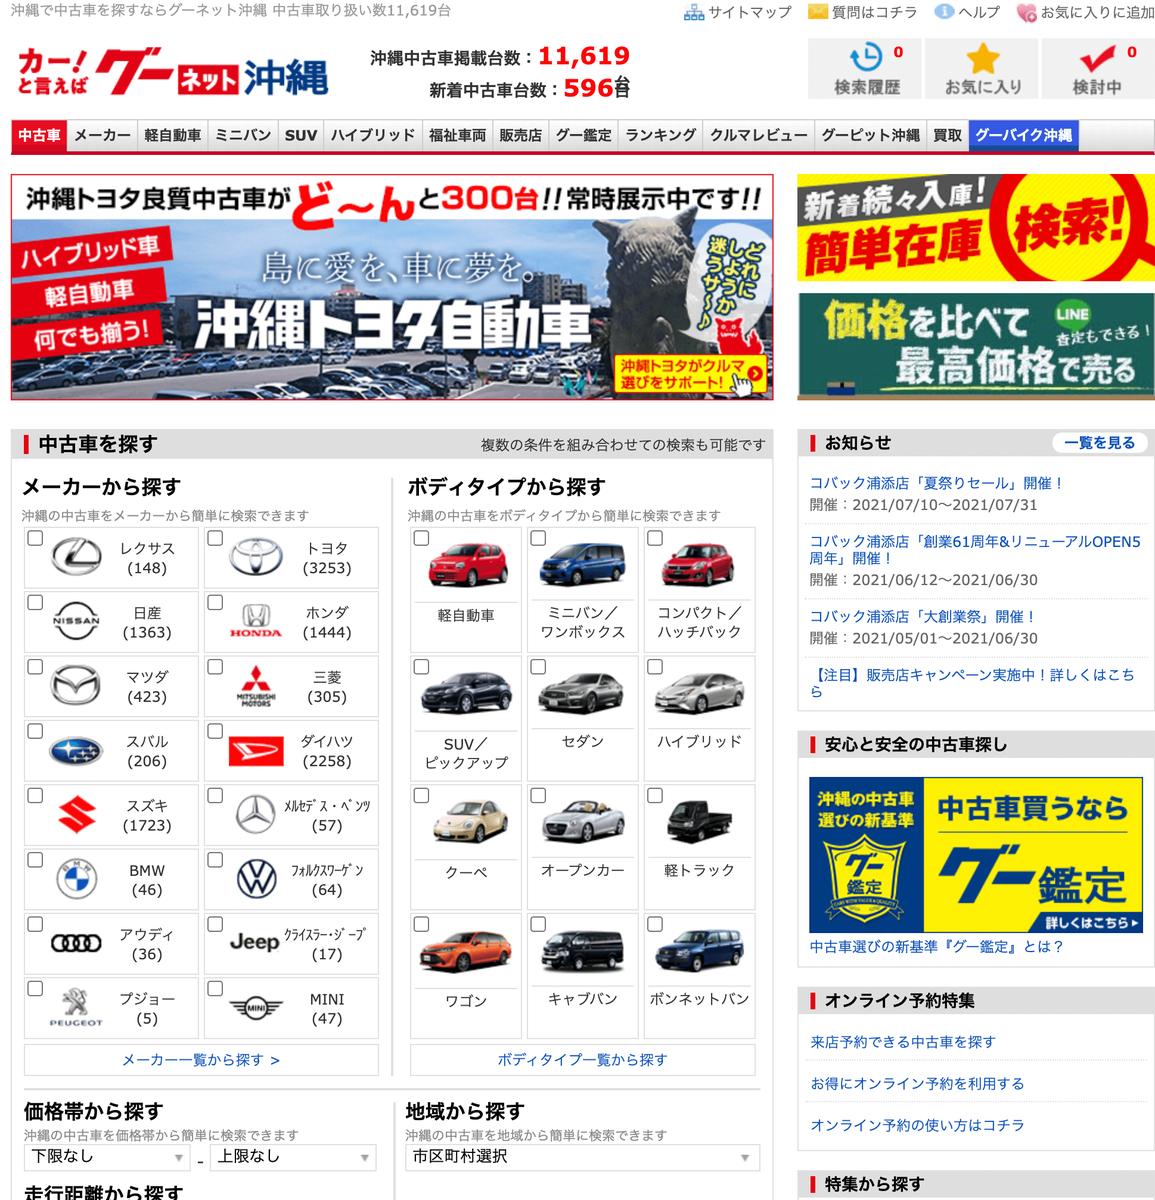 沖縄で中古車を探すなら グーネット